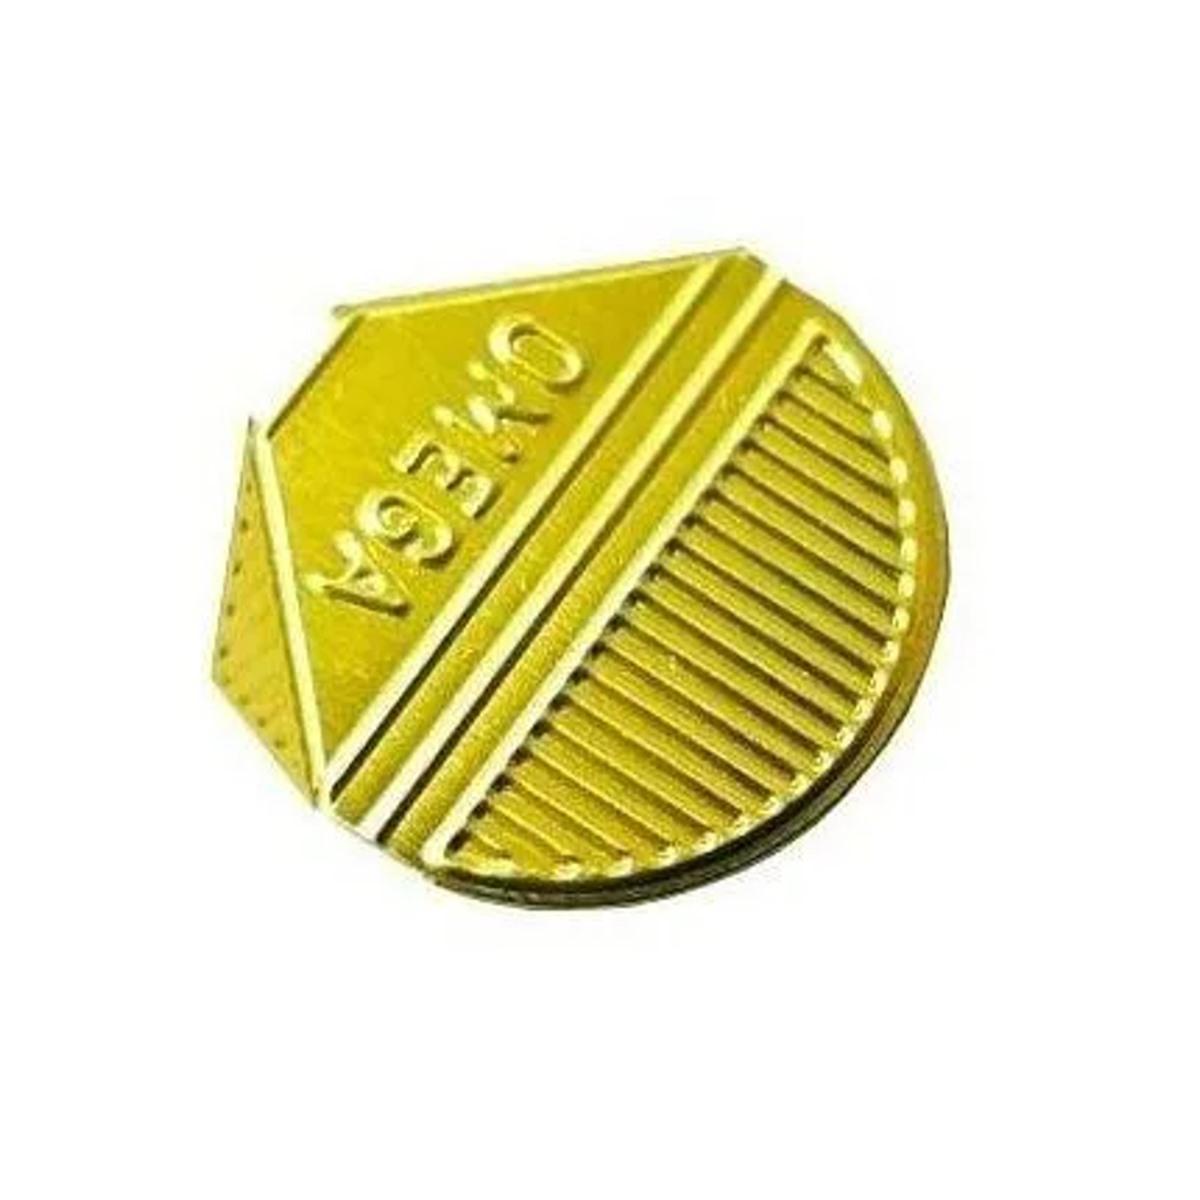 Prendedor de  Papel Presclip Omega - Caixa 1000 Unds Ouro